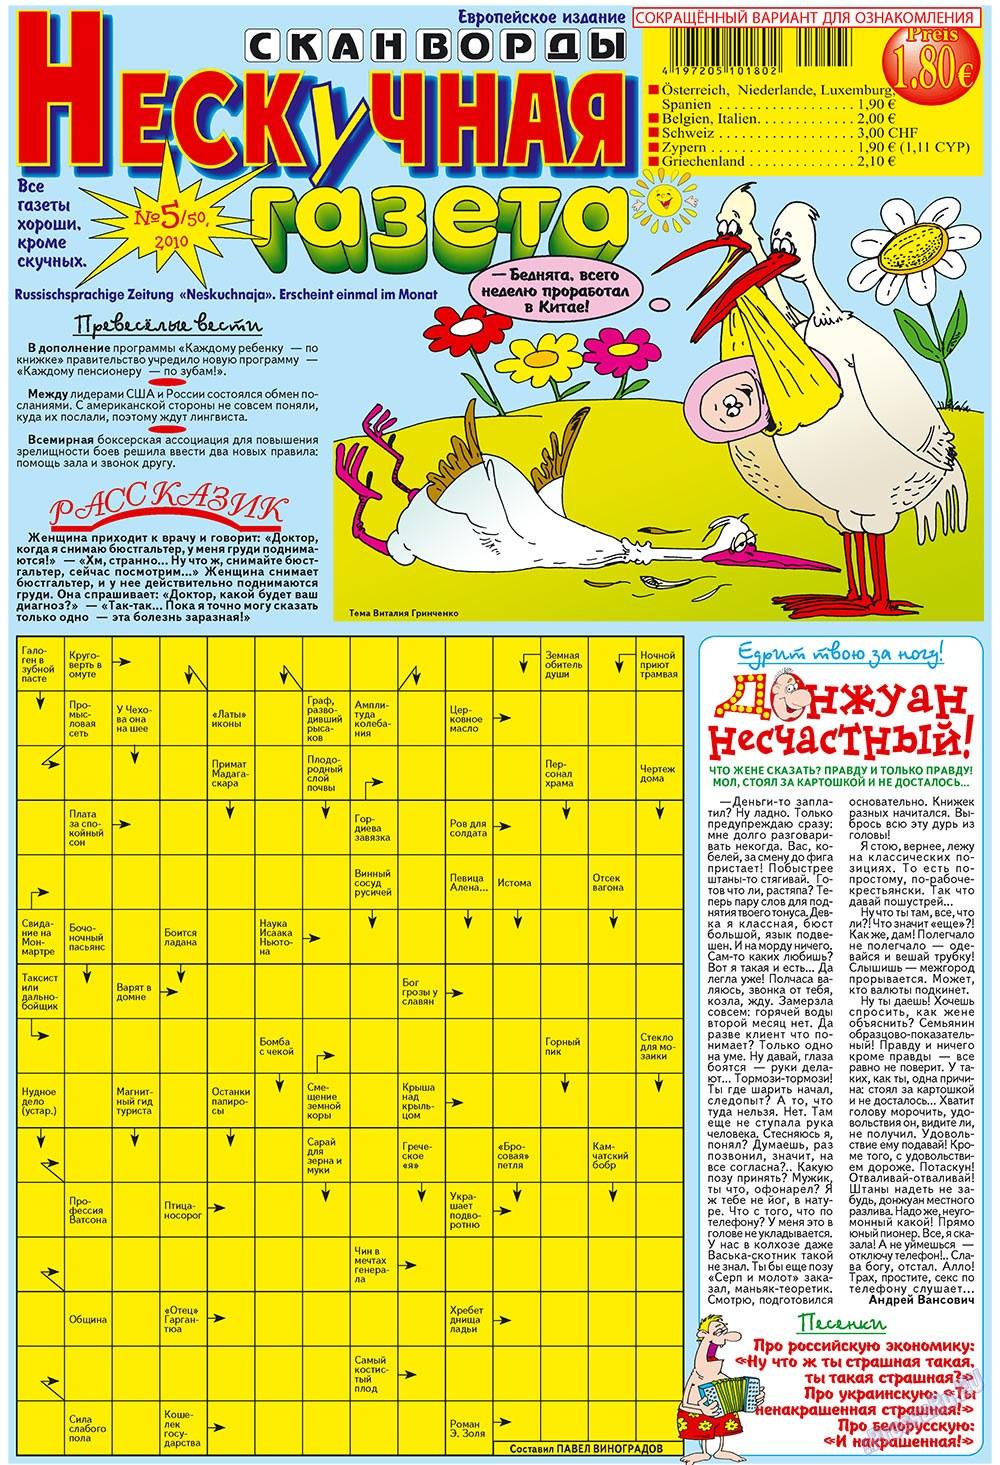 Нескучная газета (журнал). 2010 год, номер 5, стр. 1